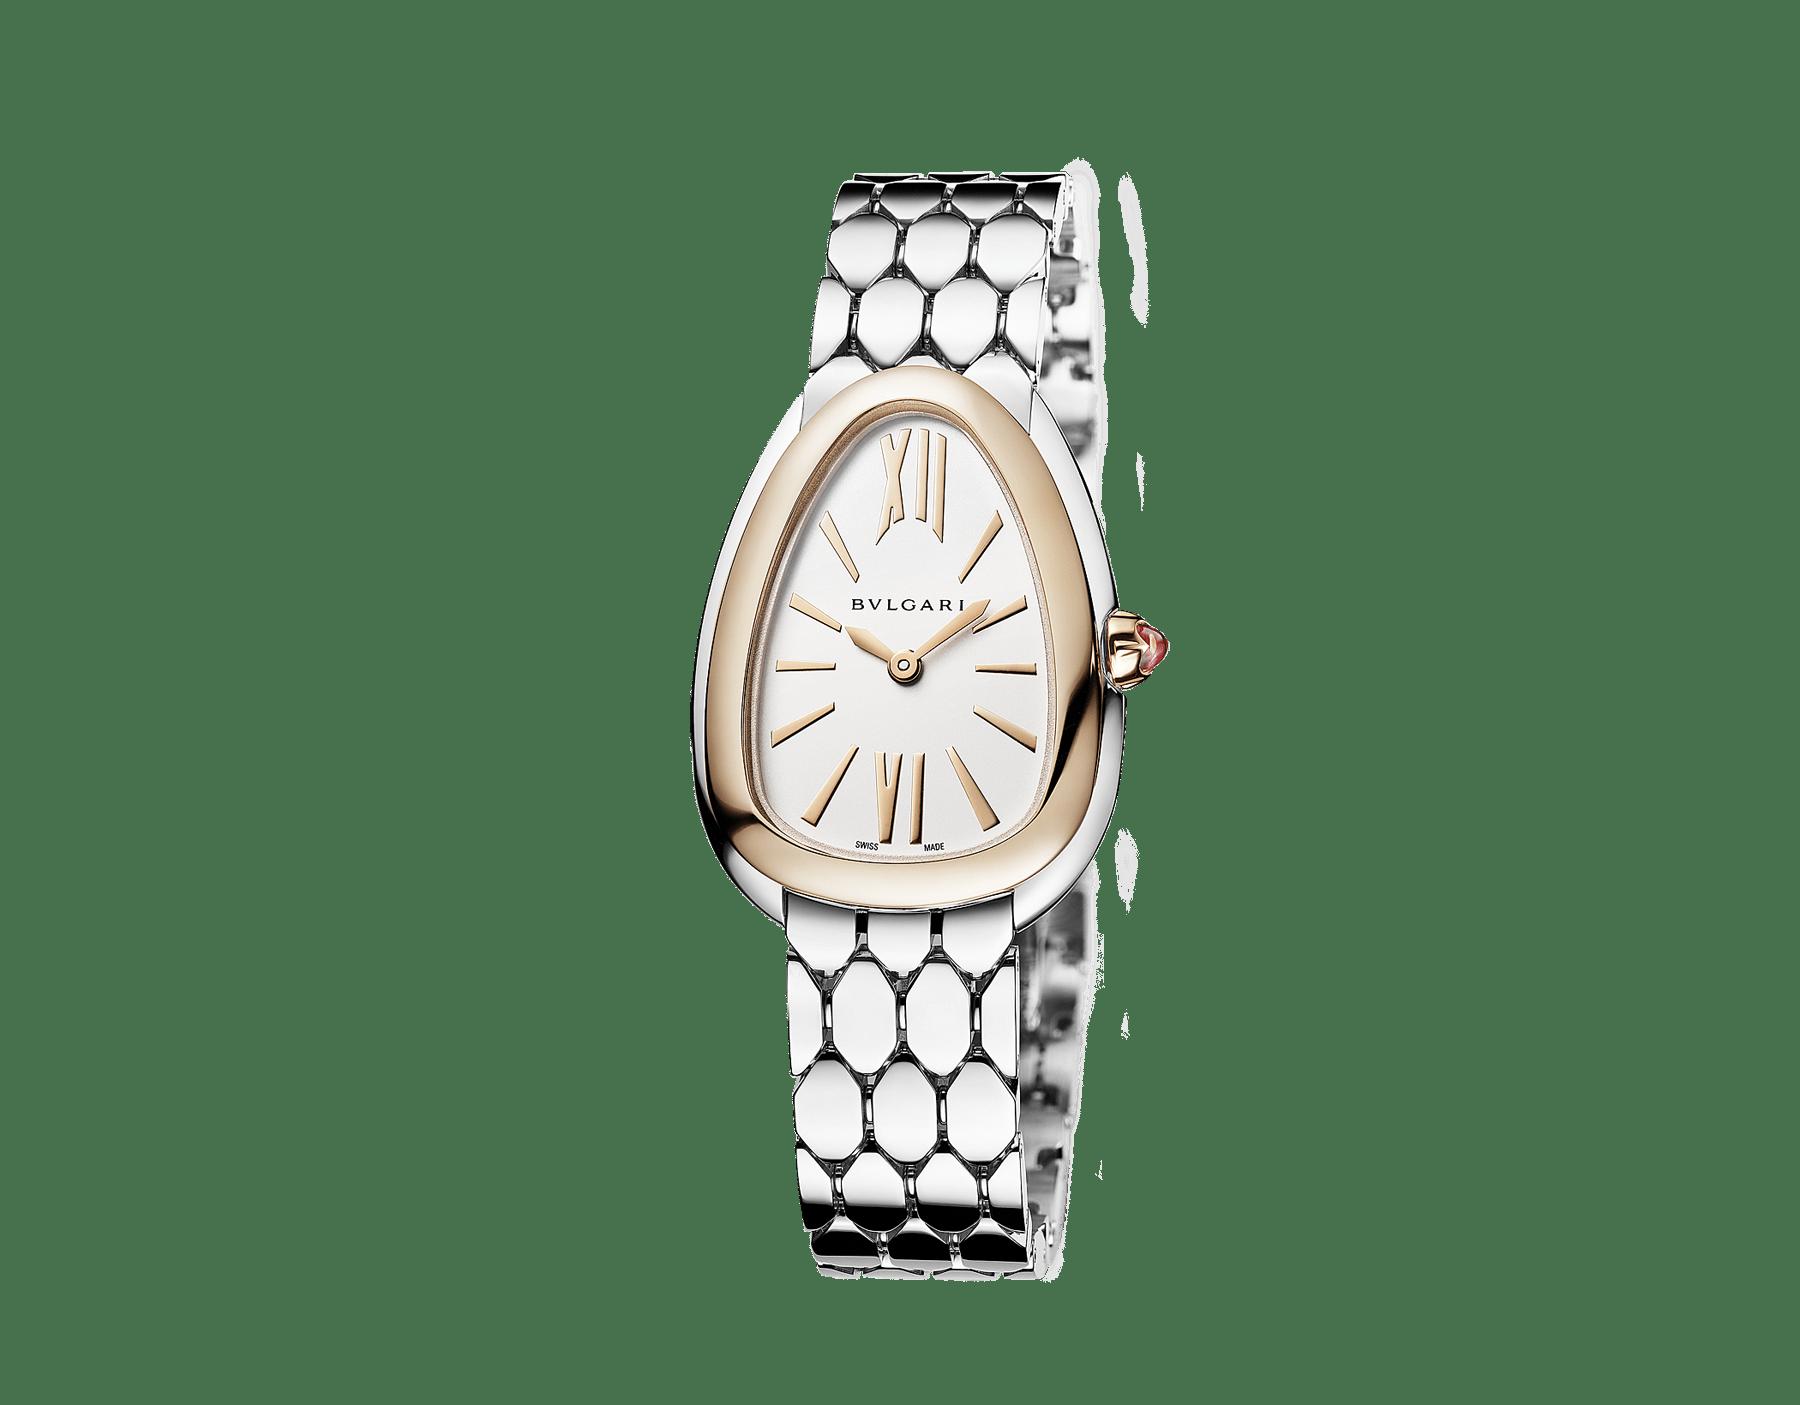 Relógio Serpenti Seduttori com caixa em aço, pulseira em aço, bezel em ouro rosa 18K e mostrador em opalina branco-prata. 103144 image 2